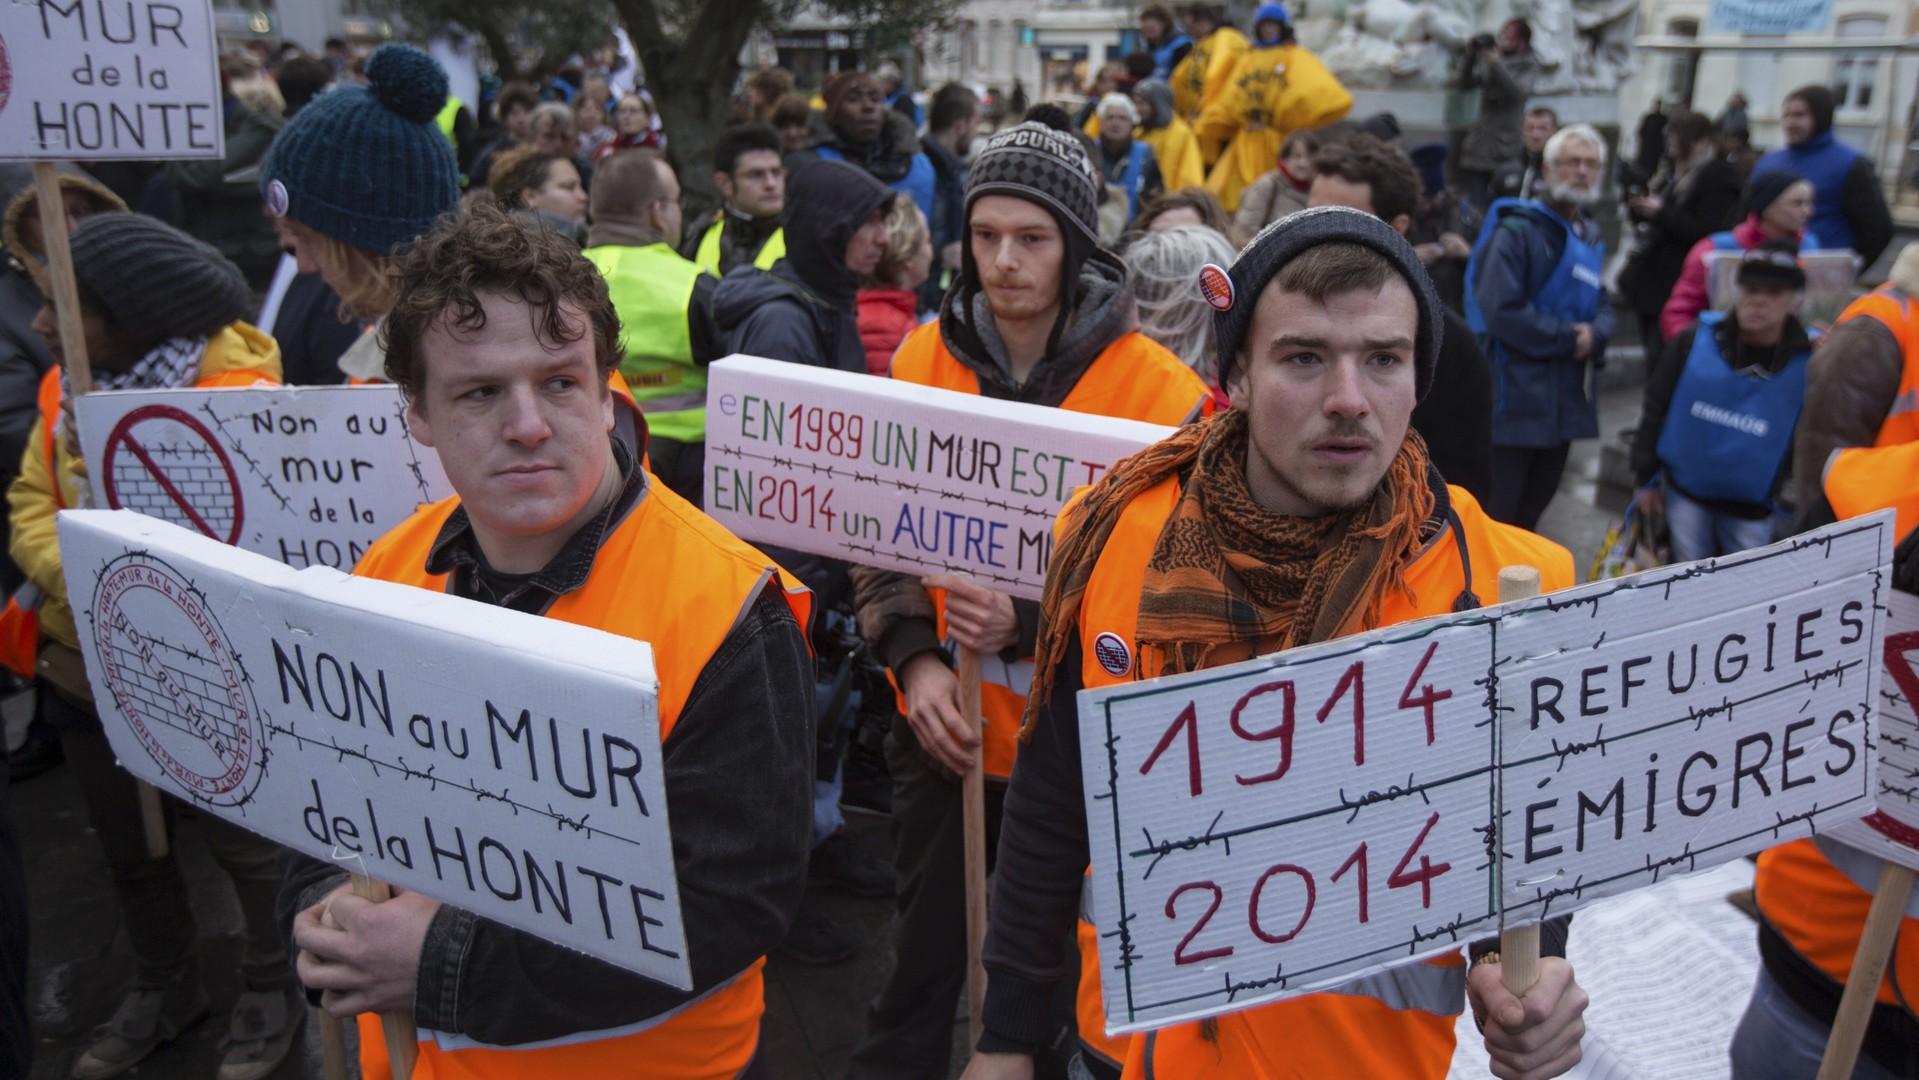 Jean-François Corty : la réponse des autorités à la crise migratoire est «insuffisante»